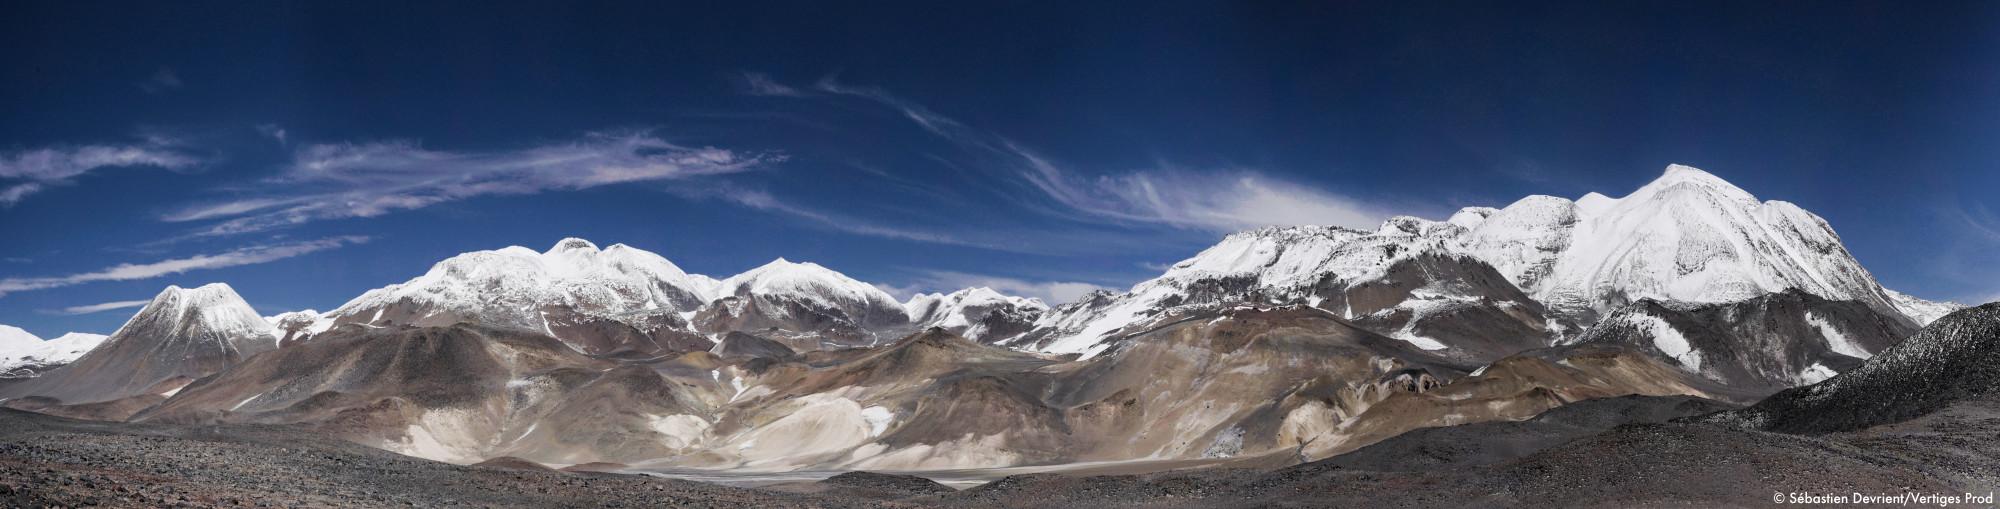 Panorama_sur_montagnes_enneigées_© Sébastien Devrient:Vertiges Prod